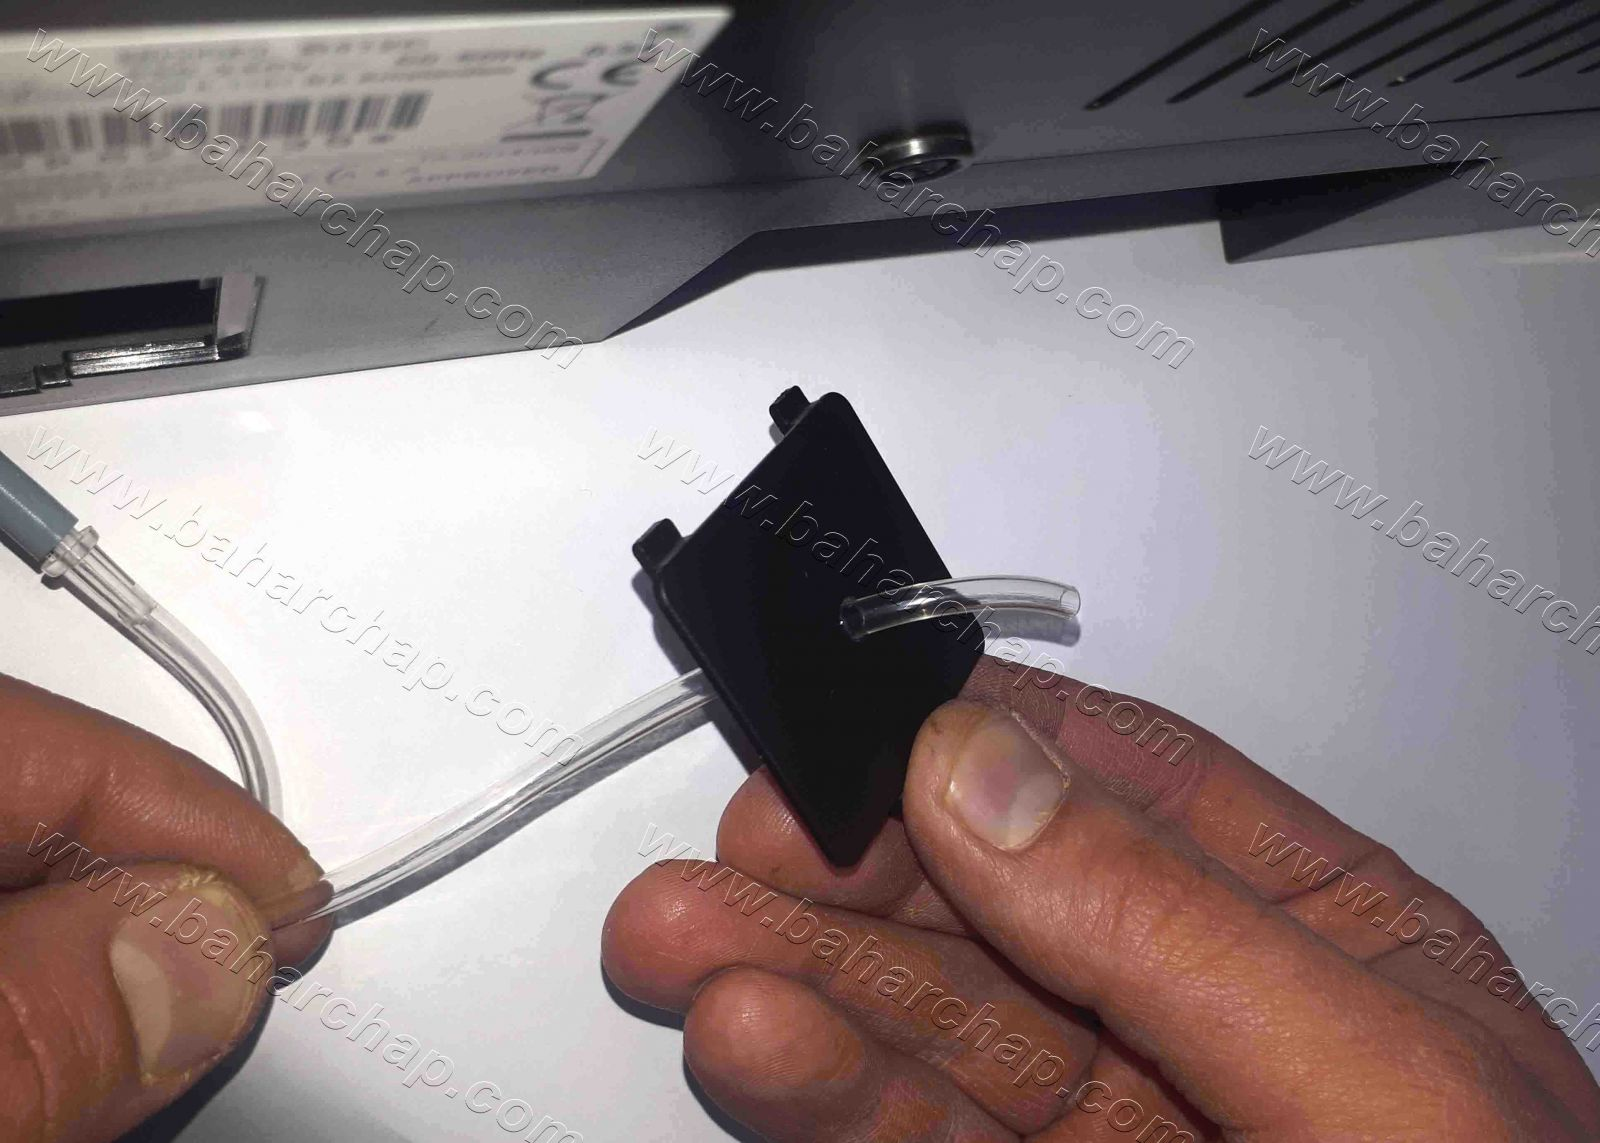 نحوه گذاشتن شیلنگ سرم بر روی پرینتر اپسون t50 p50 l800 l805